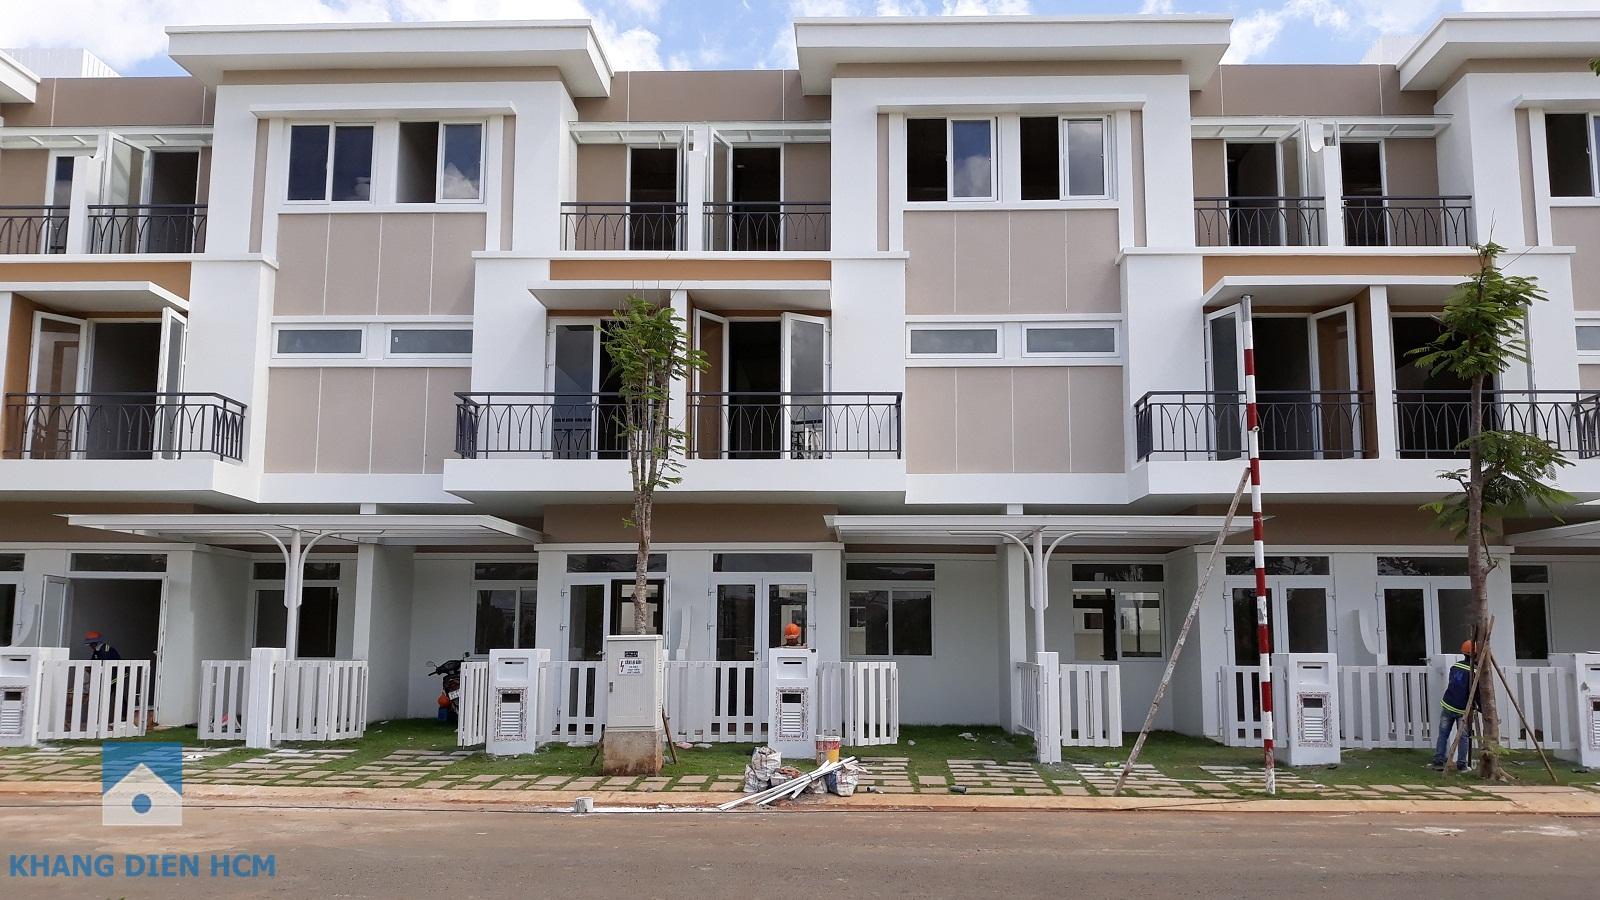 Hình chụp thực tế 2 căn nhà liên tiếp trong dự án Lovera Park - Khang Điền HCM